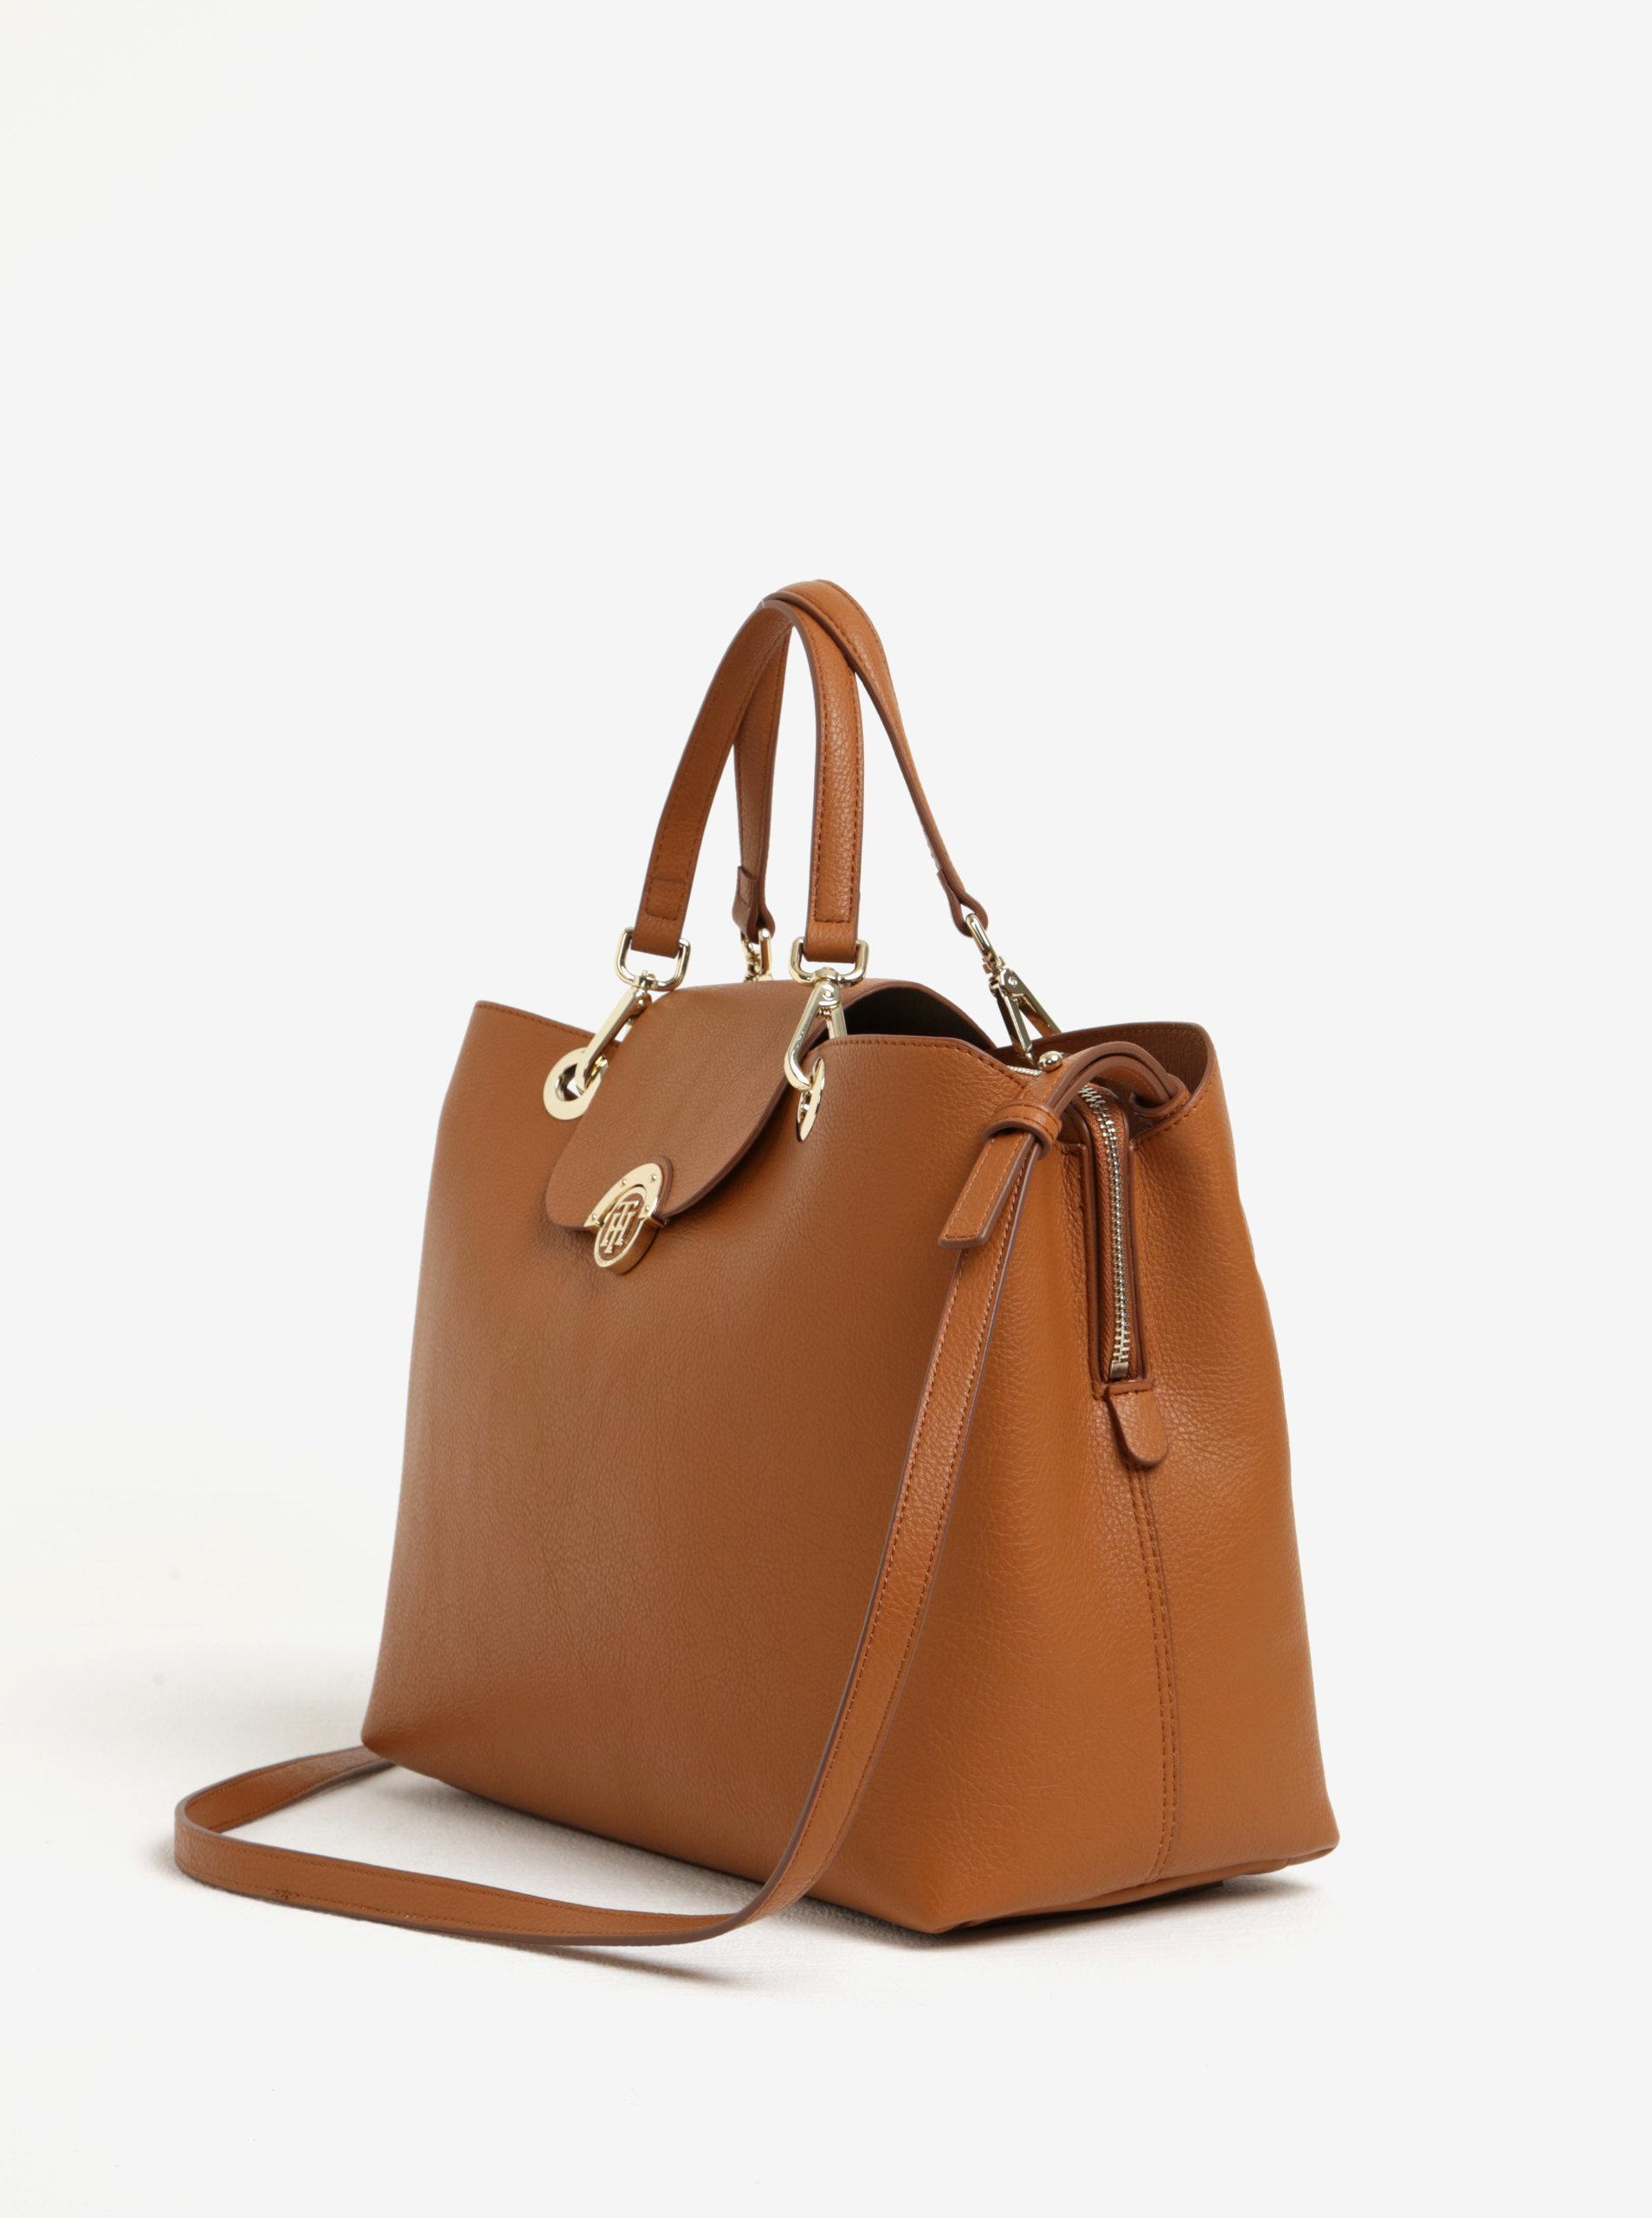 Hnědá dámská kabelka s oboustrannou klopou Tommy Hilfiger ... a43c0a9c188